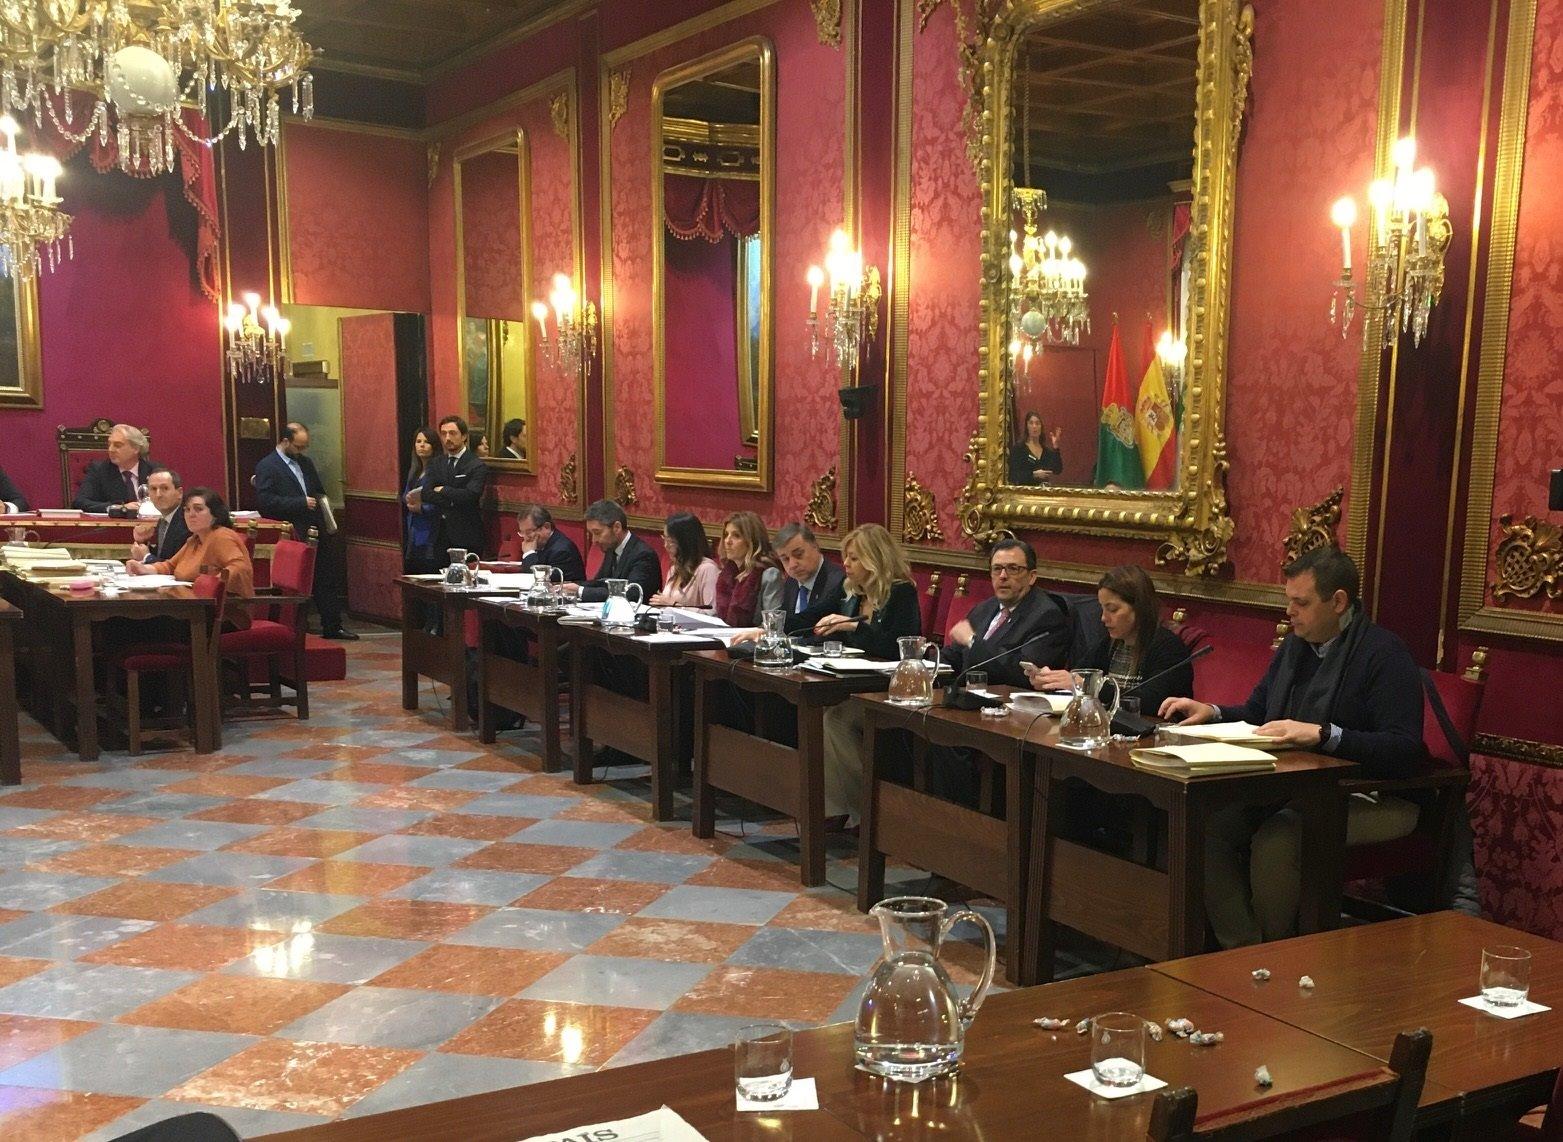 El equipo de gobierno reprocha a la oposición su negativa a debatir los presupuestos 2021 por un error en la convocatoria